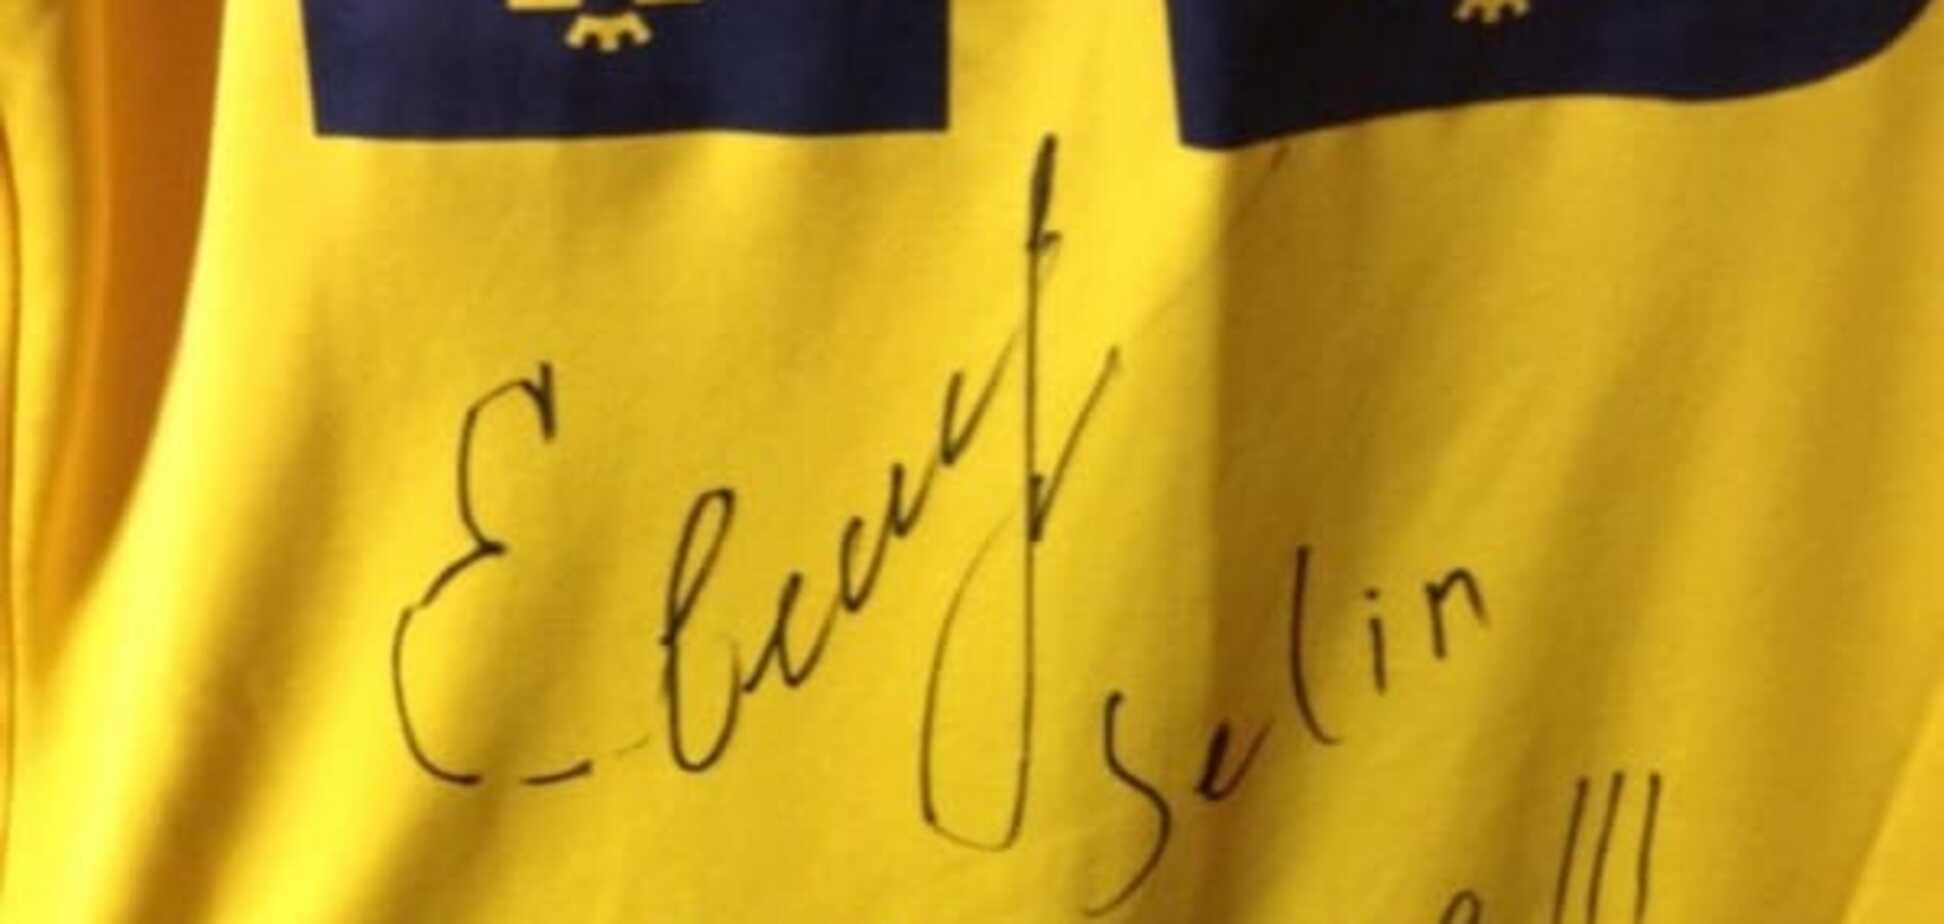 Харьковские болельщики продали ценный подарок футболиста сборной Украины, чтобы помочь воинам АТО